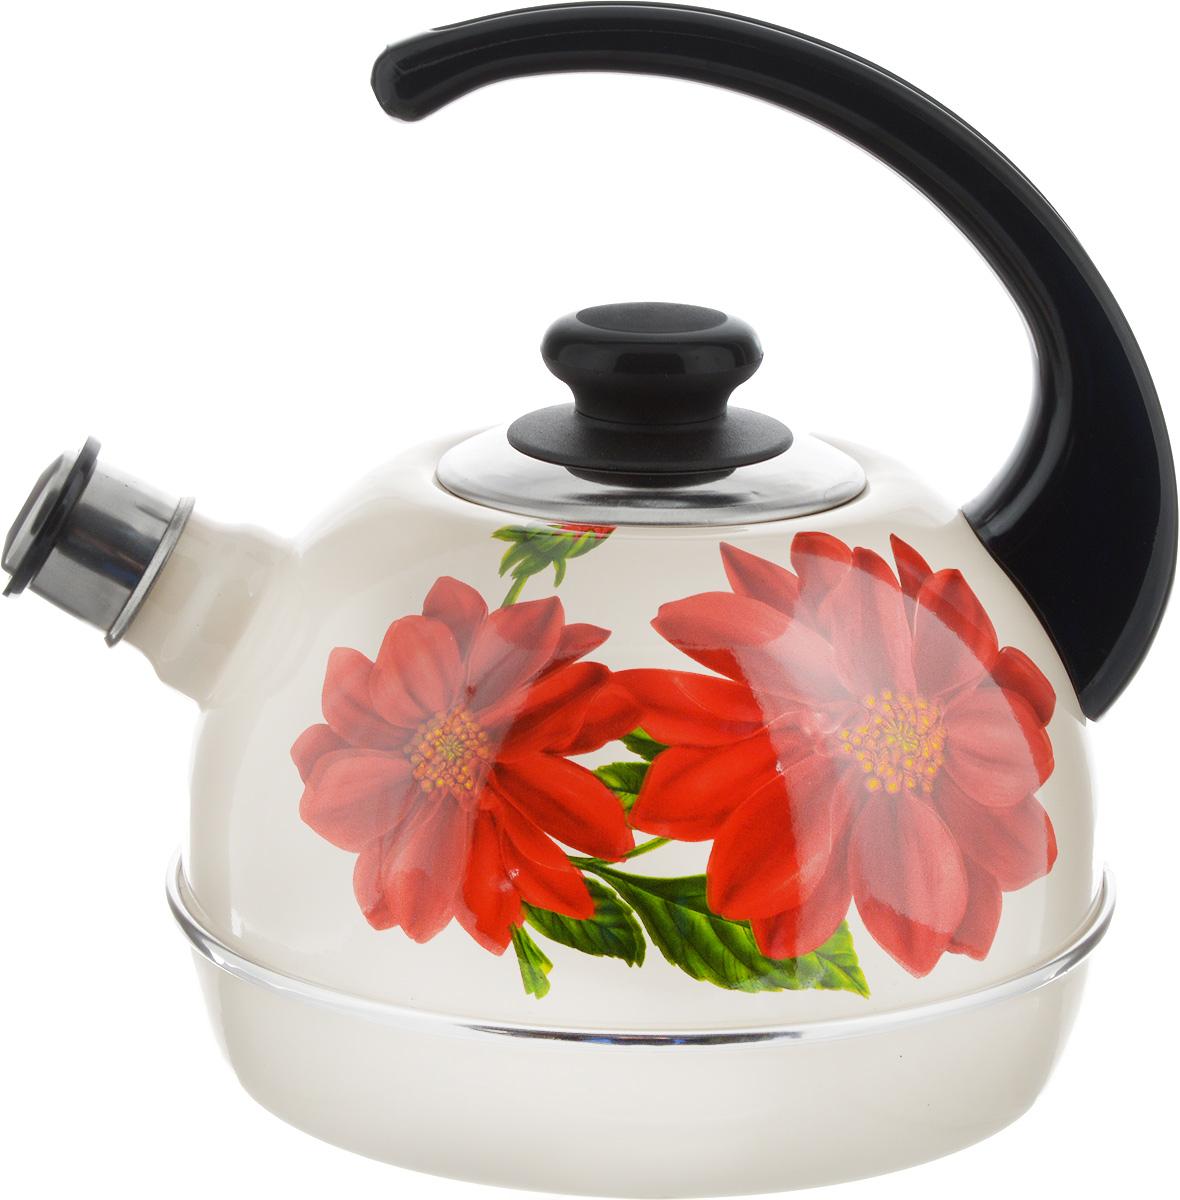 Чайник Рубин, со свистком, цвет: бежевый, красный, зеленый, 3,5 лT04/35/04/09Чайник Рубин выполнен из высококачественной стали, что обеспечивает долговечность использования. Внешнее цветное эмалевое покрытие придает приятный внешний вид. Пластиковая фиксированная ручка делает использование чайника очень удобным и безопасным. Чайник снабжен съемным свистком. Можно мыть в посудомоечной машине. Пригоден для всех видов плит, включая индукционные. Высота чайника (без учета крышки и ручки): 14 см. Диаметр основания: 19 см.